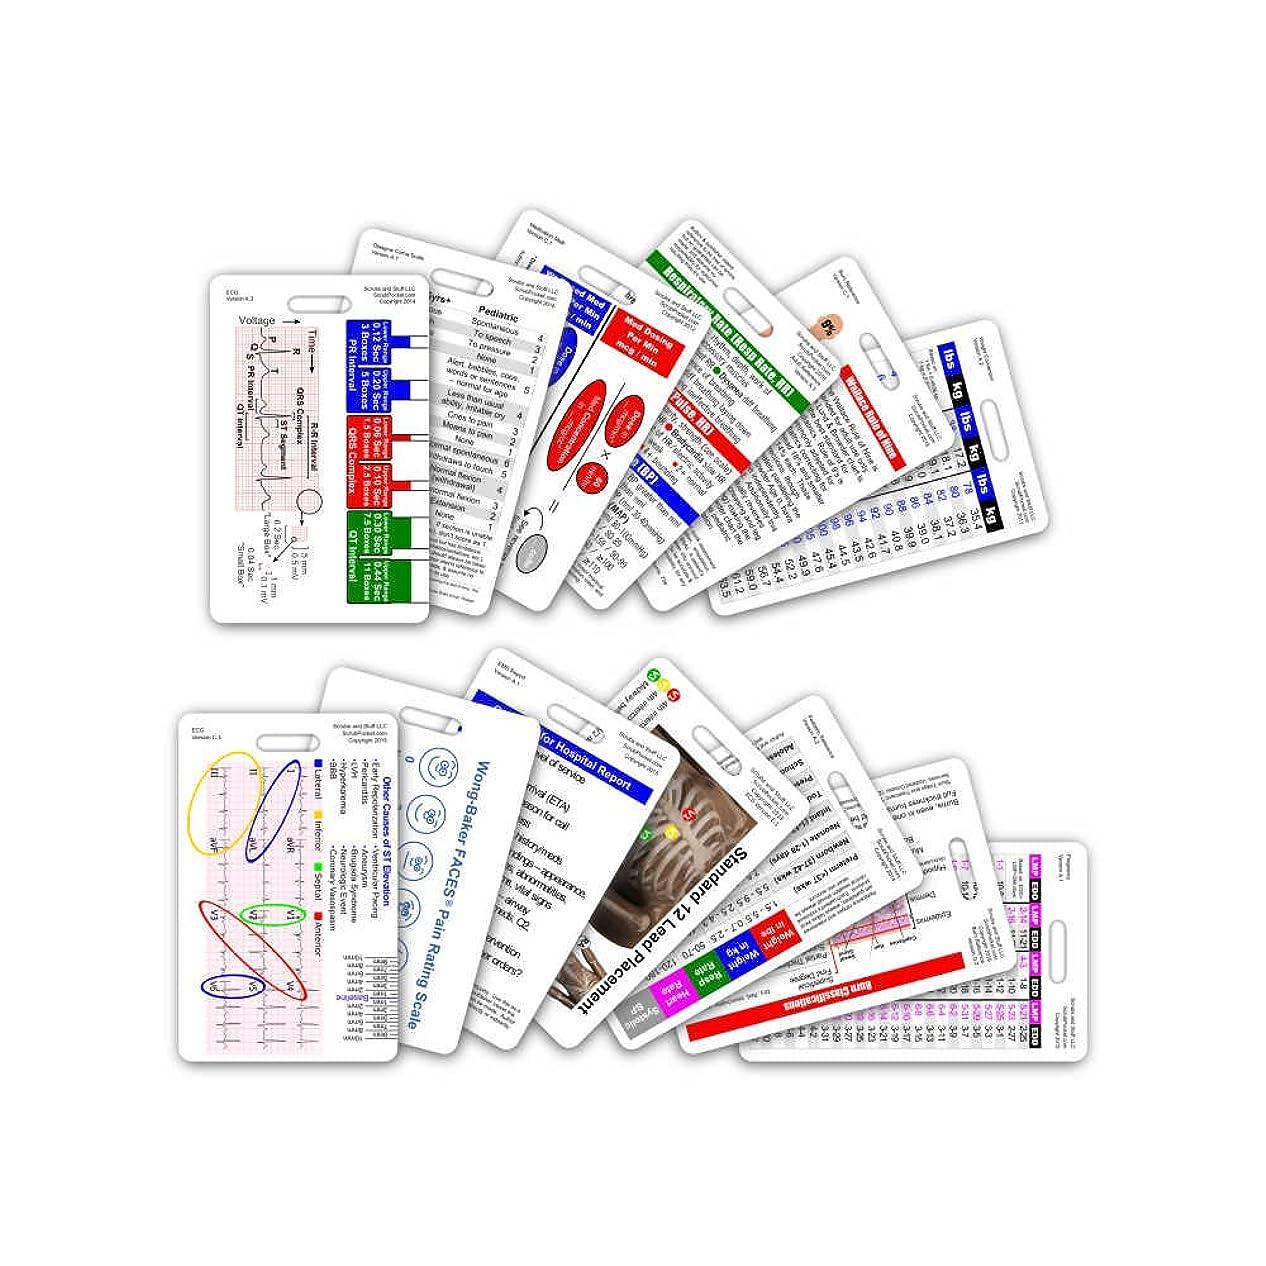 頬チャペル宣教師Complete EMS Vertical Badge Card Set - 12 Cards by Scrubs and Stuff LLC